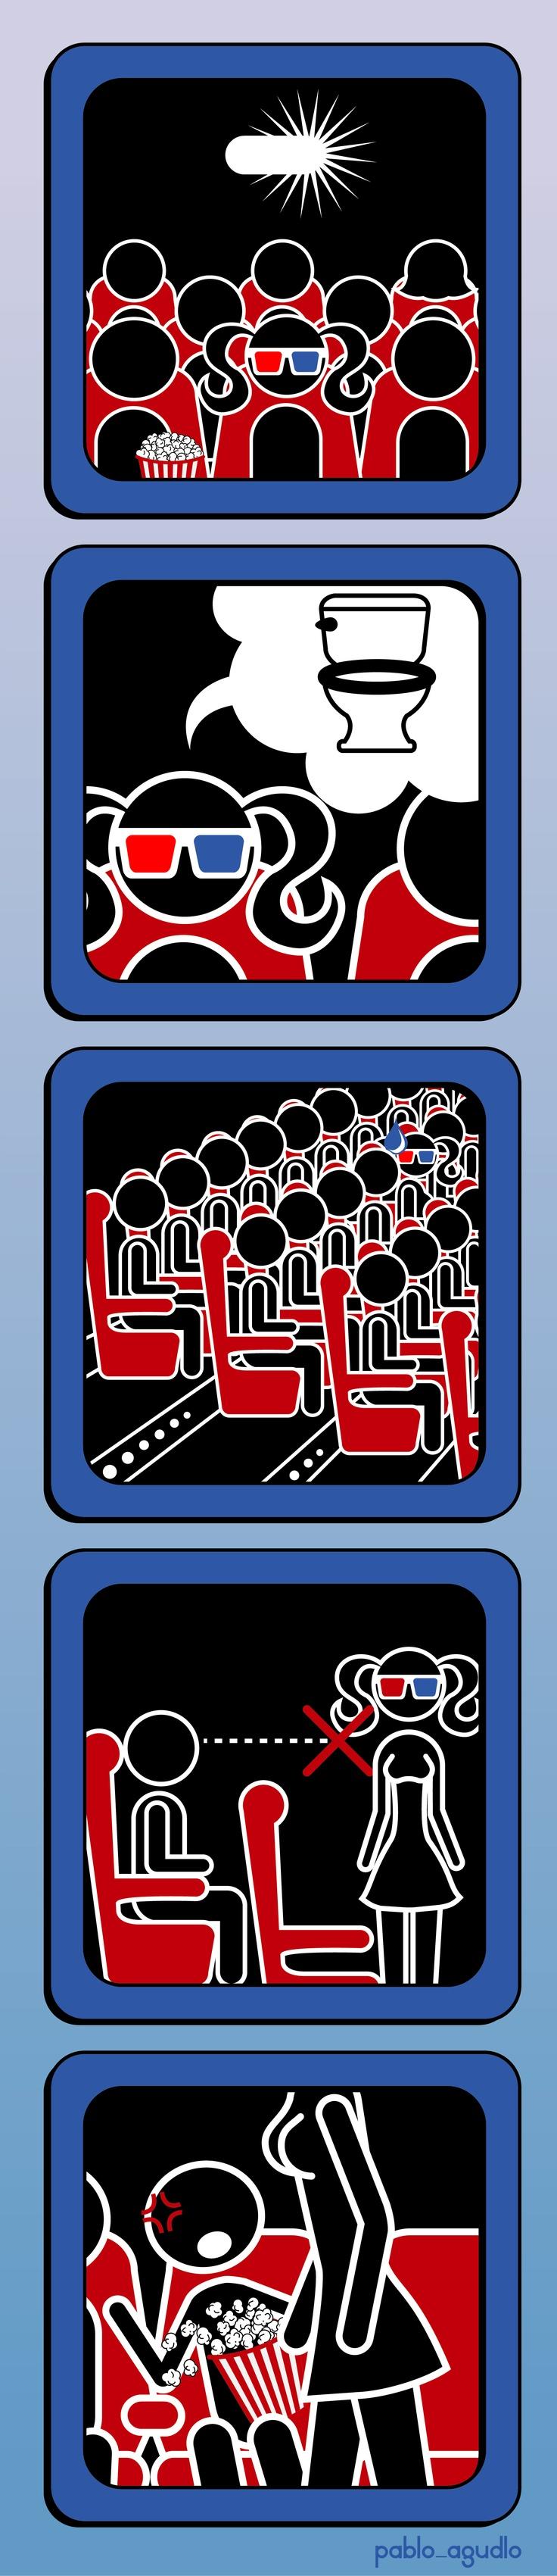 Señalética, problema ergonómico en algunas salas de cine.